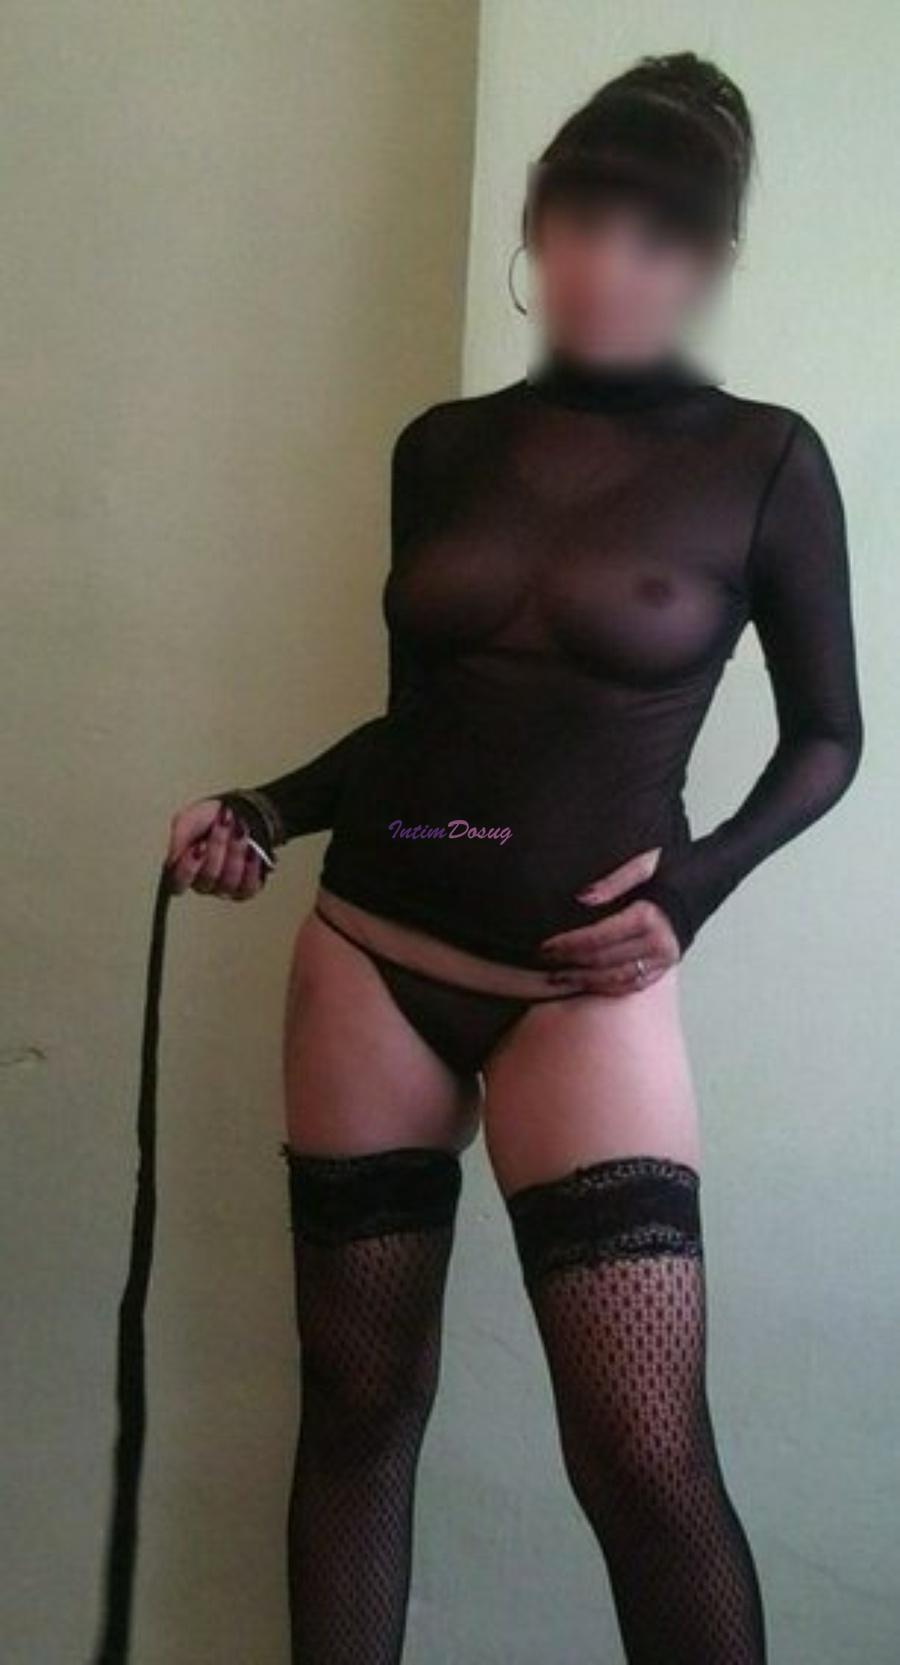 Крутое порно, проститутки мужчины омск